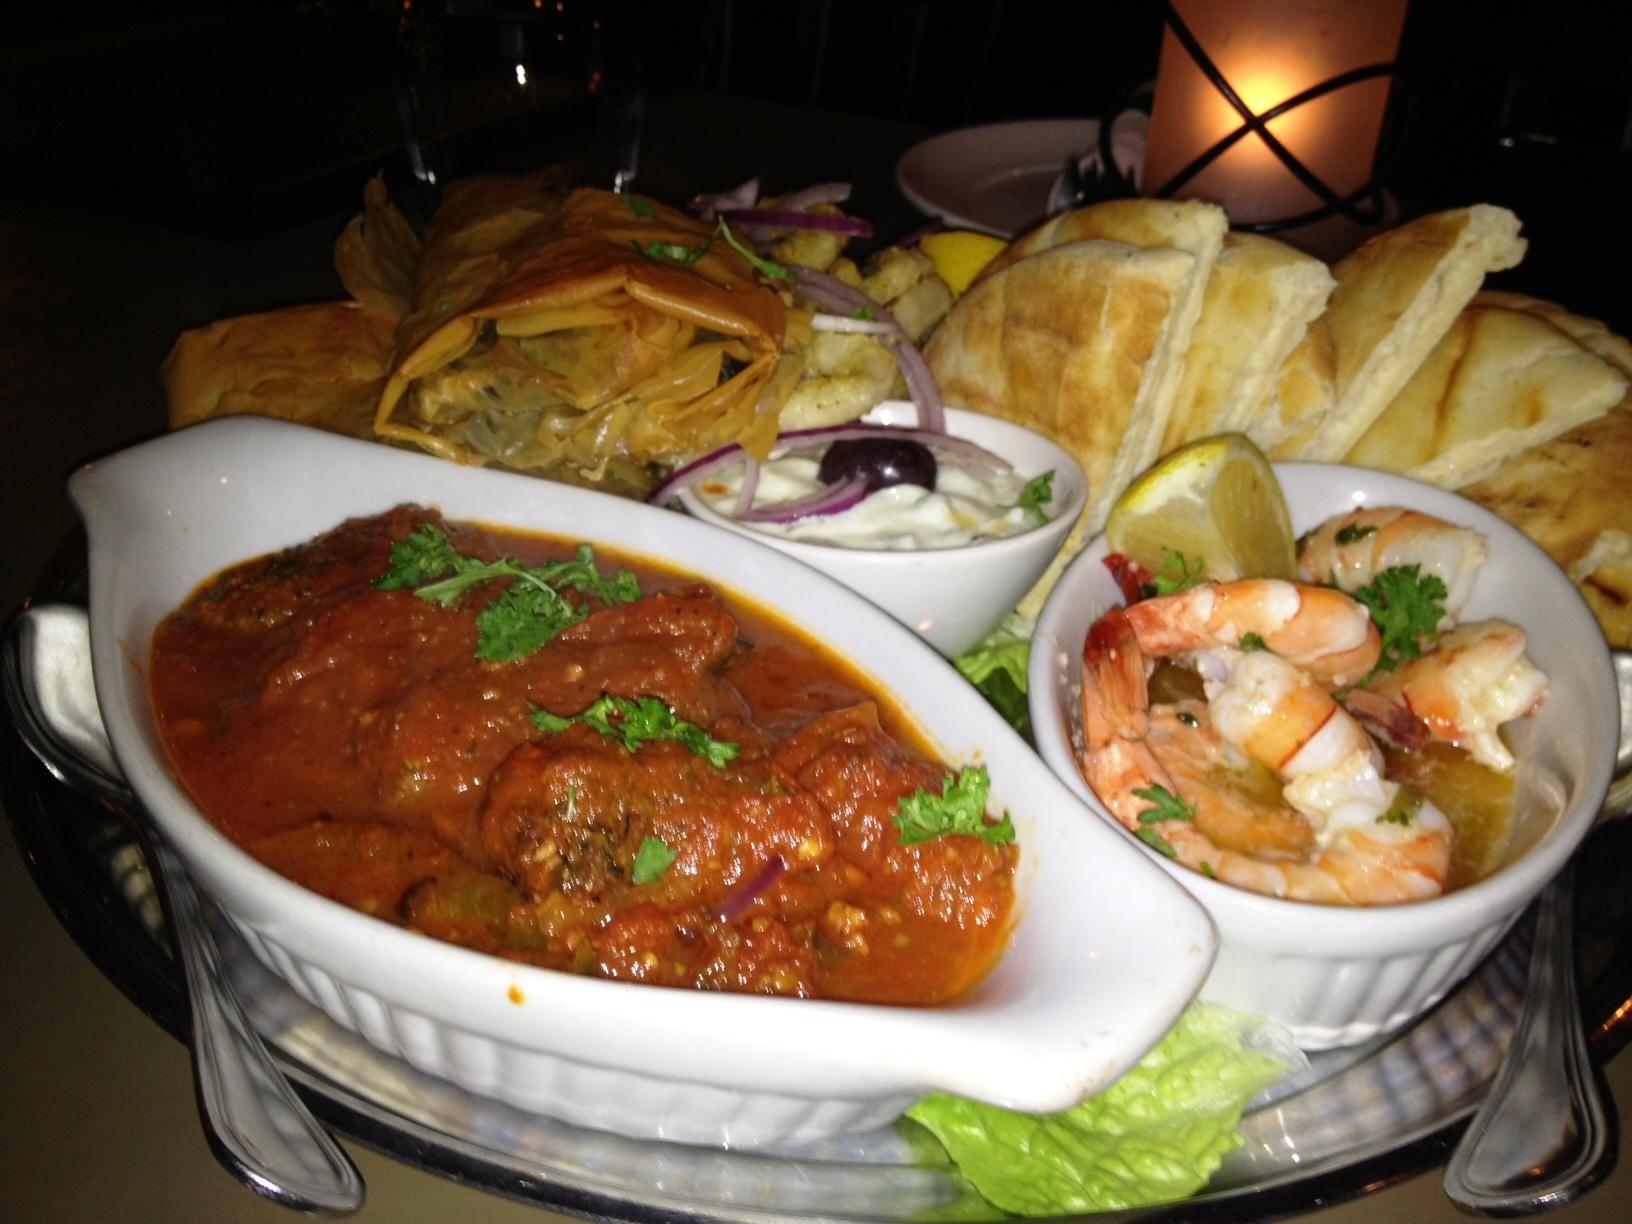 Appetizer Platter for TwoCalamari, poseidon garithes, spanakopita, soutzoukakia, tzatziki and pita